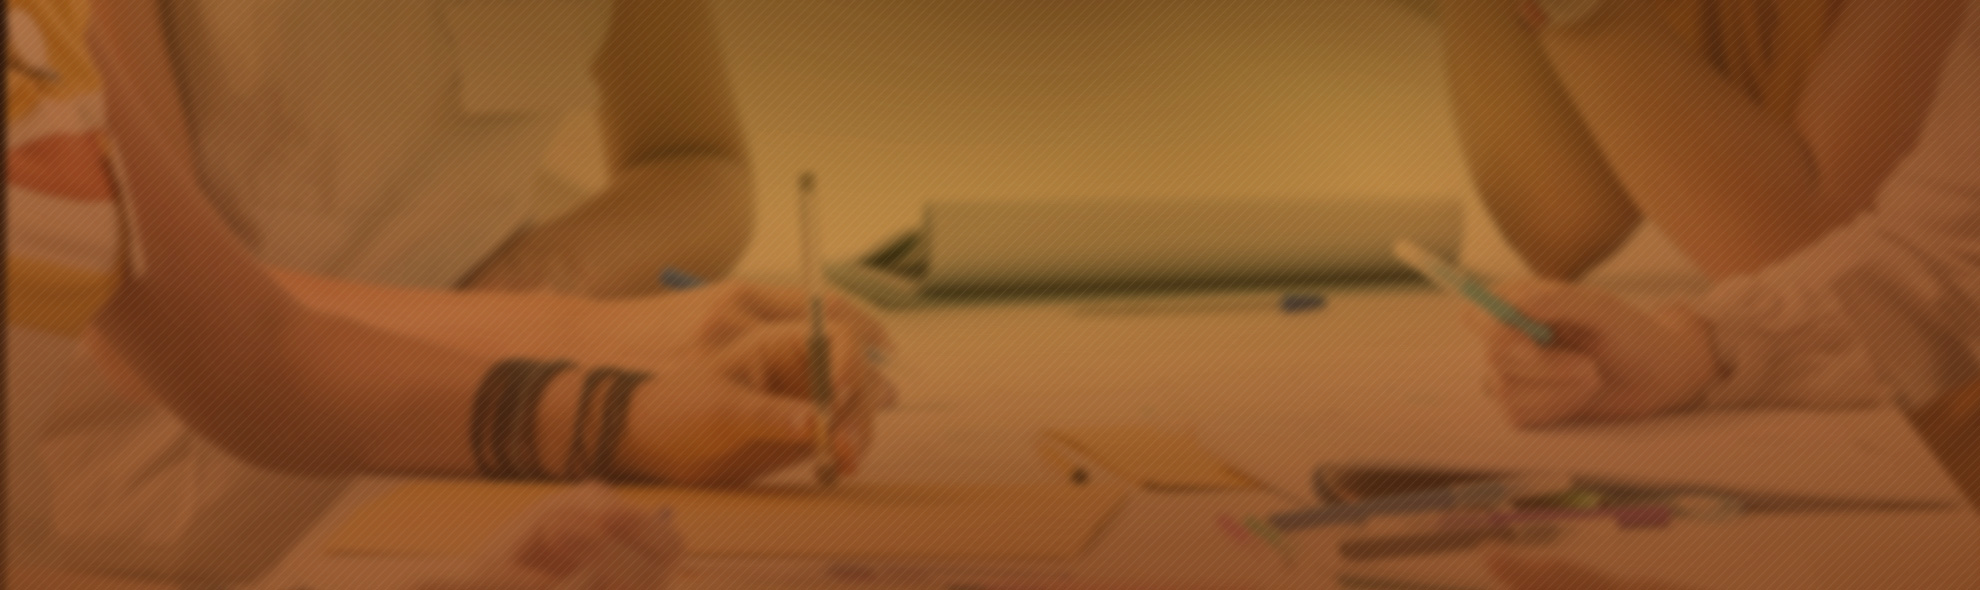 slider_workshops_bg_leonardo-fd-araujo_psicologo-e-coach_crp-0810907v-1